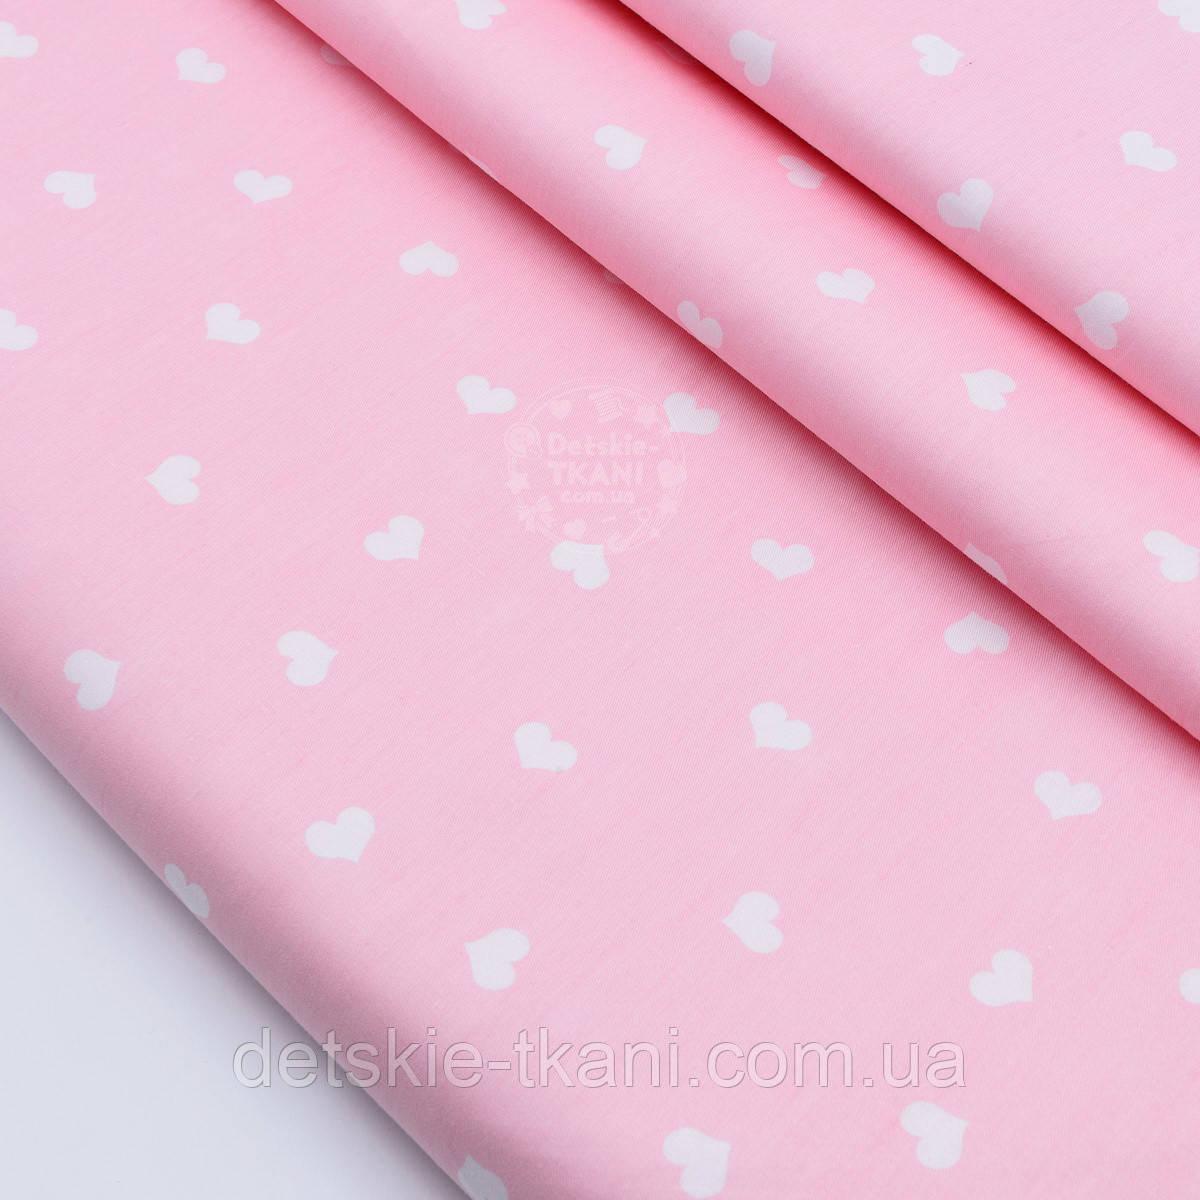 """Сатин  """"Фигурные сердечки 14 мм"""" на розовом № 1759с"""